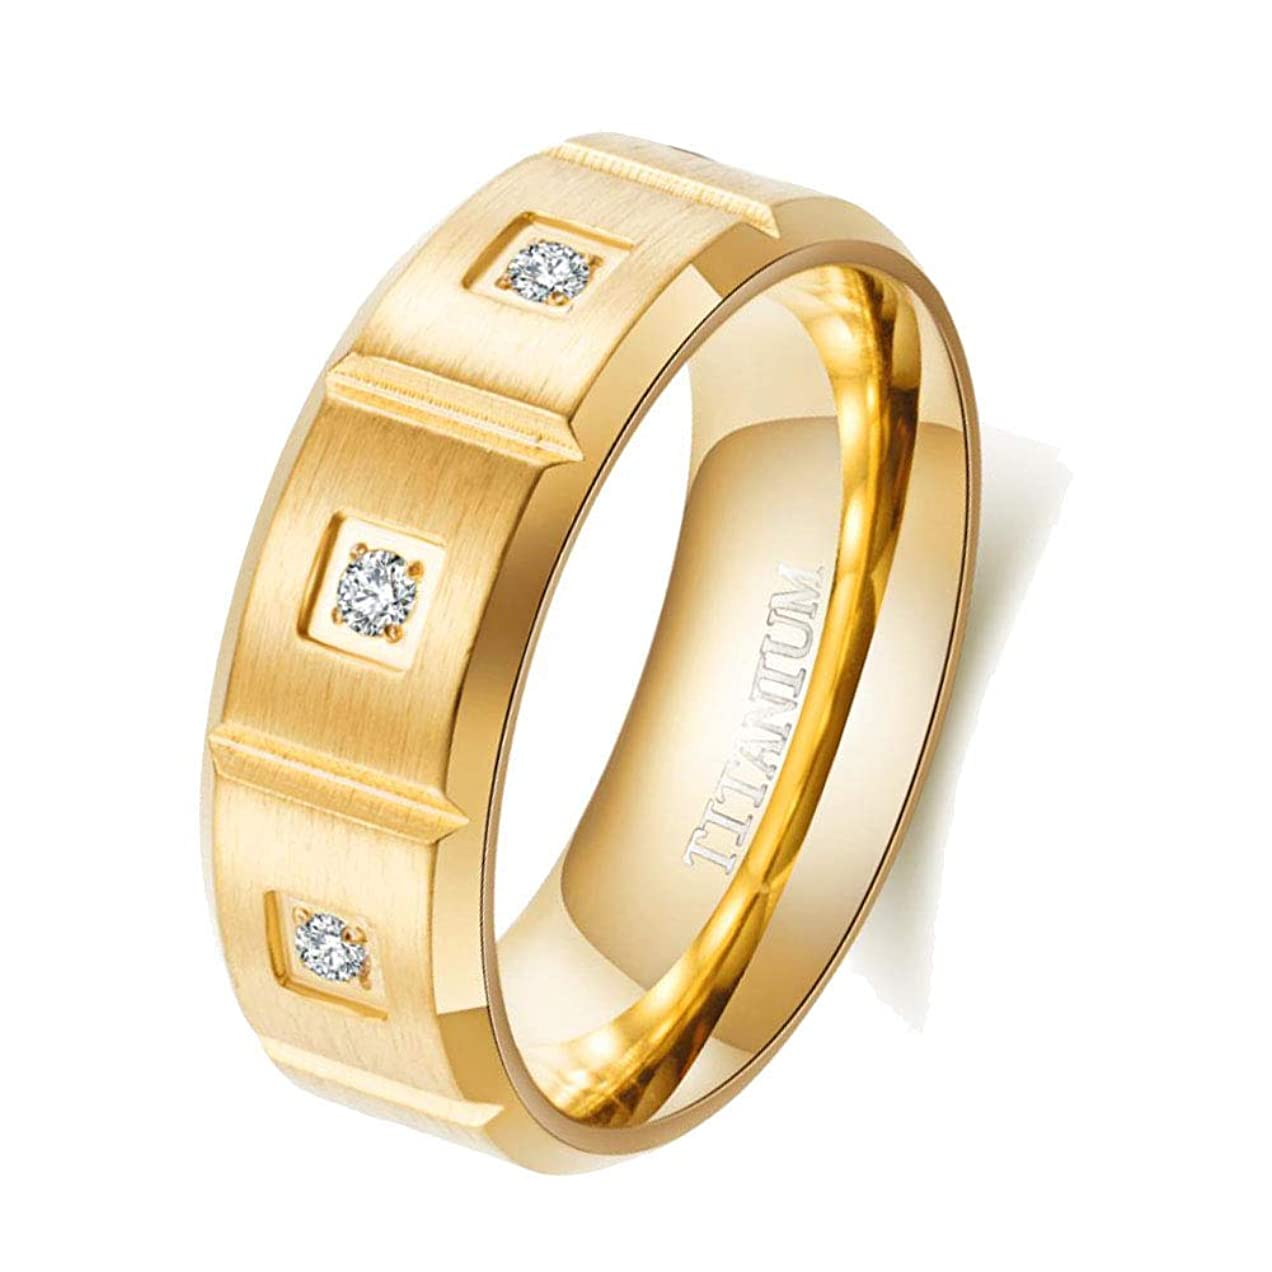 決定するコメントふざけたメンズリング マットイエローゴールドメッキ 8mm チタンスチール メンズリング 8個 キュービックジルコニア 結婚指輪 メンズリング ゴールド